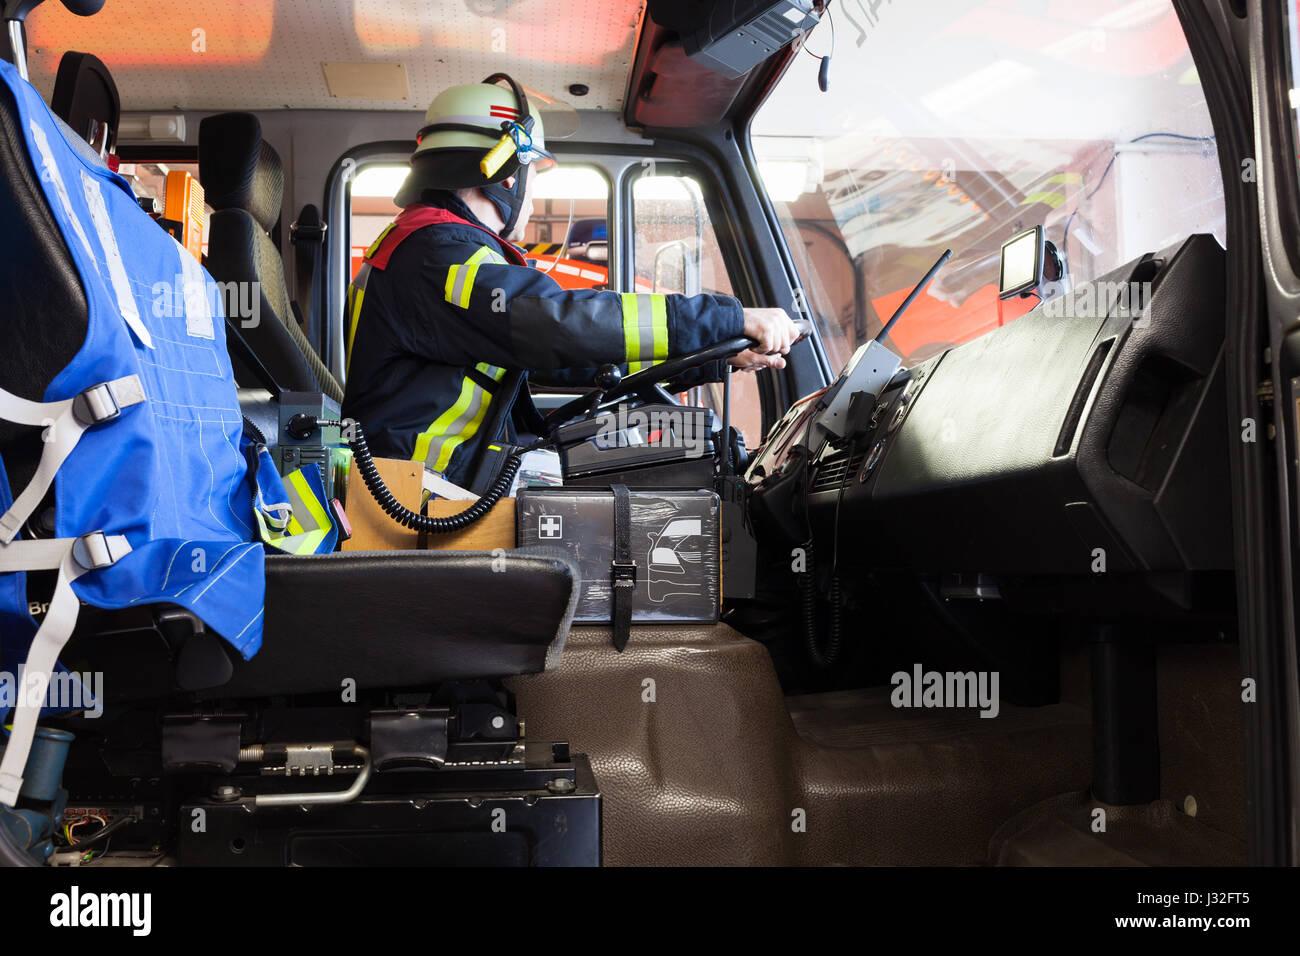 Unidades de bomberos alemanes en un camión de bomberos en acción y utiliza un walkie talkie Imagen De Stock